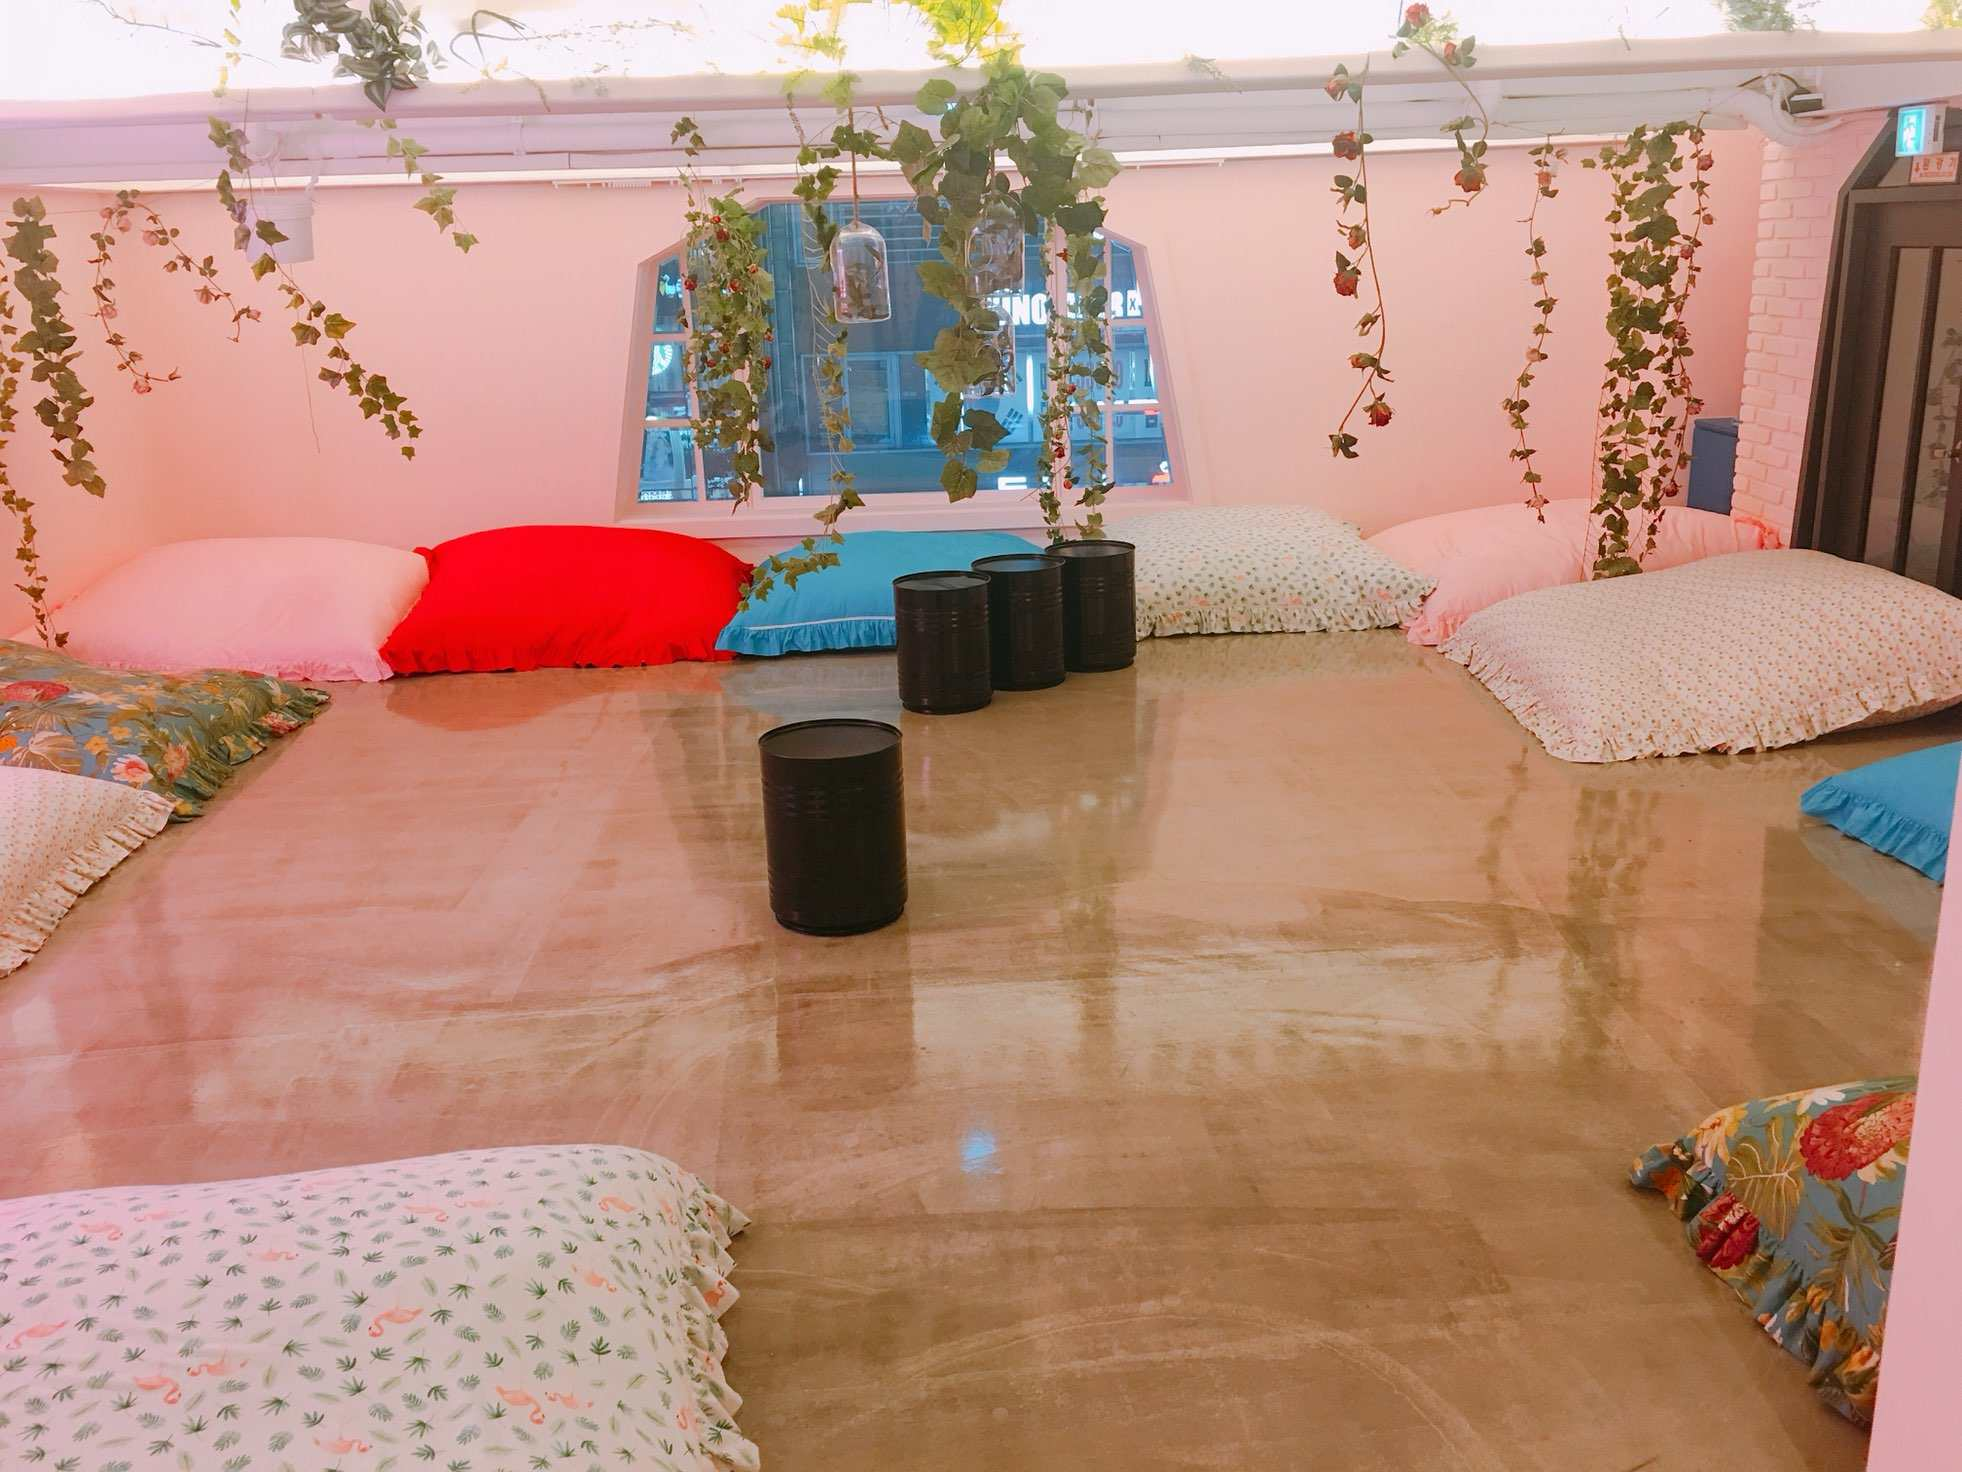 沒有真的房間,但是有很多美美的床墊!!讓你可以躺著休息聊天,以及拍拍美照喔~因為才剛開幕客人還不多,小編還看到真的有人在這裡睡覺的呢!